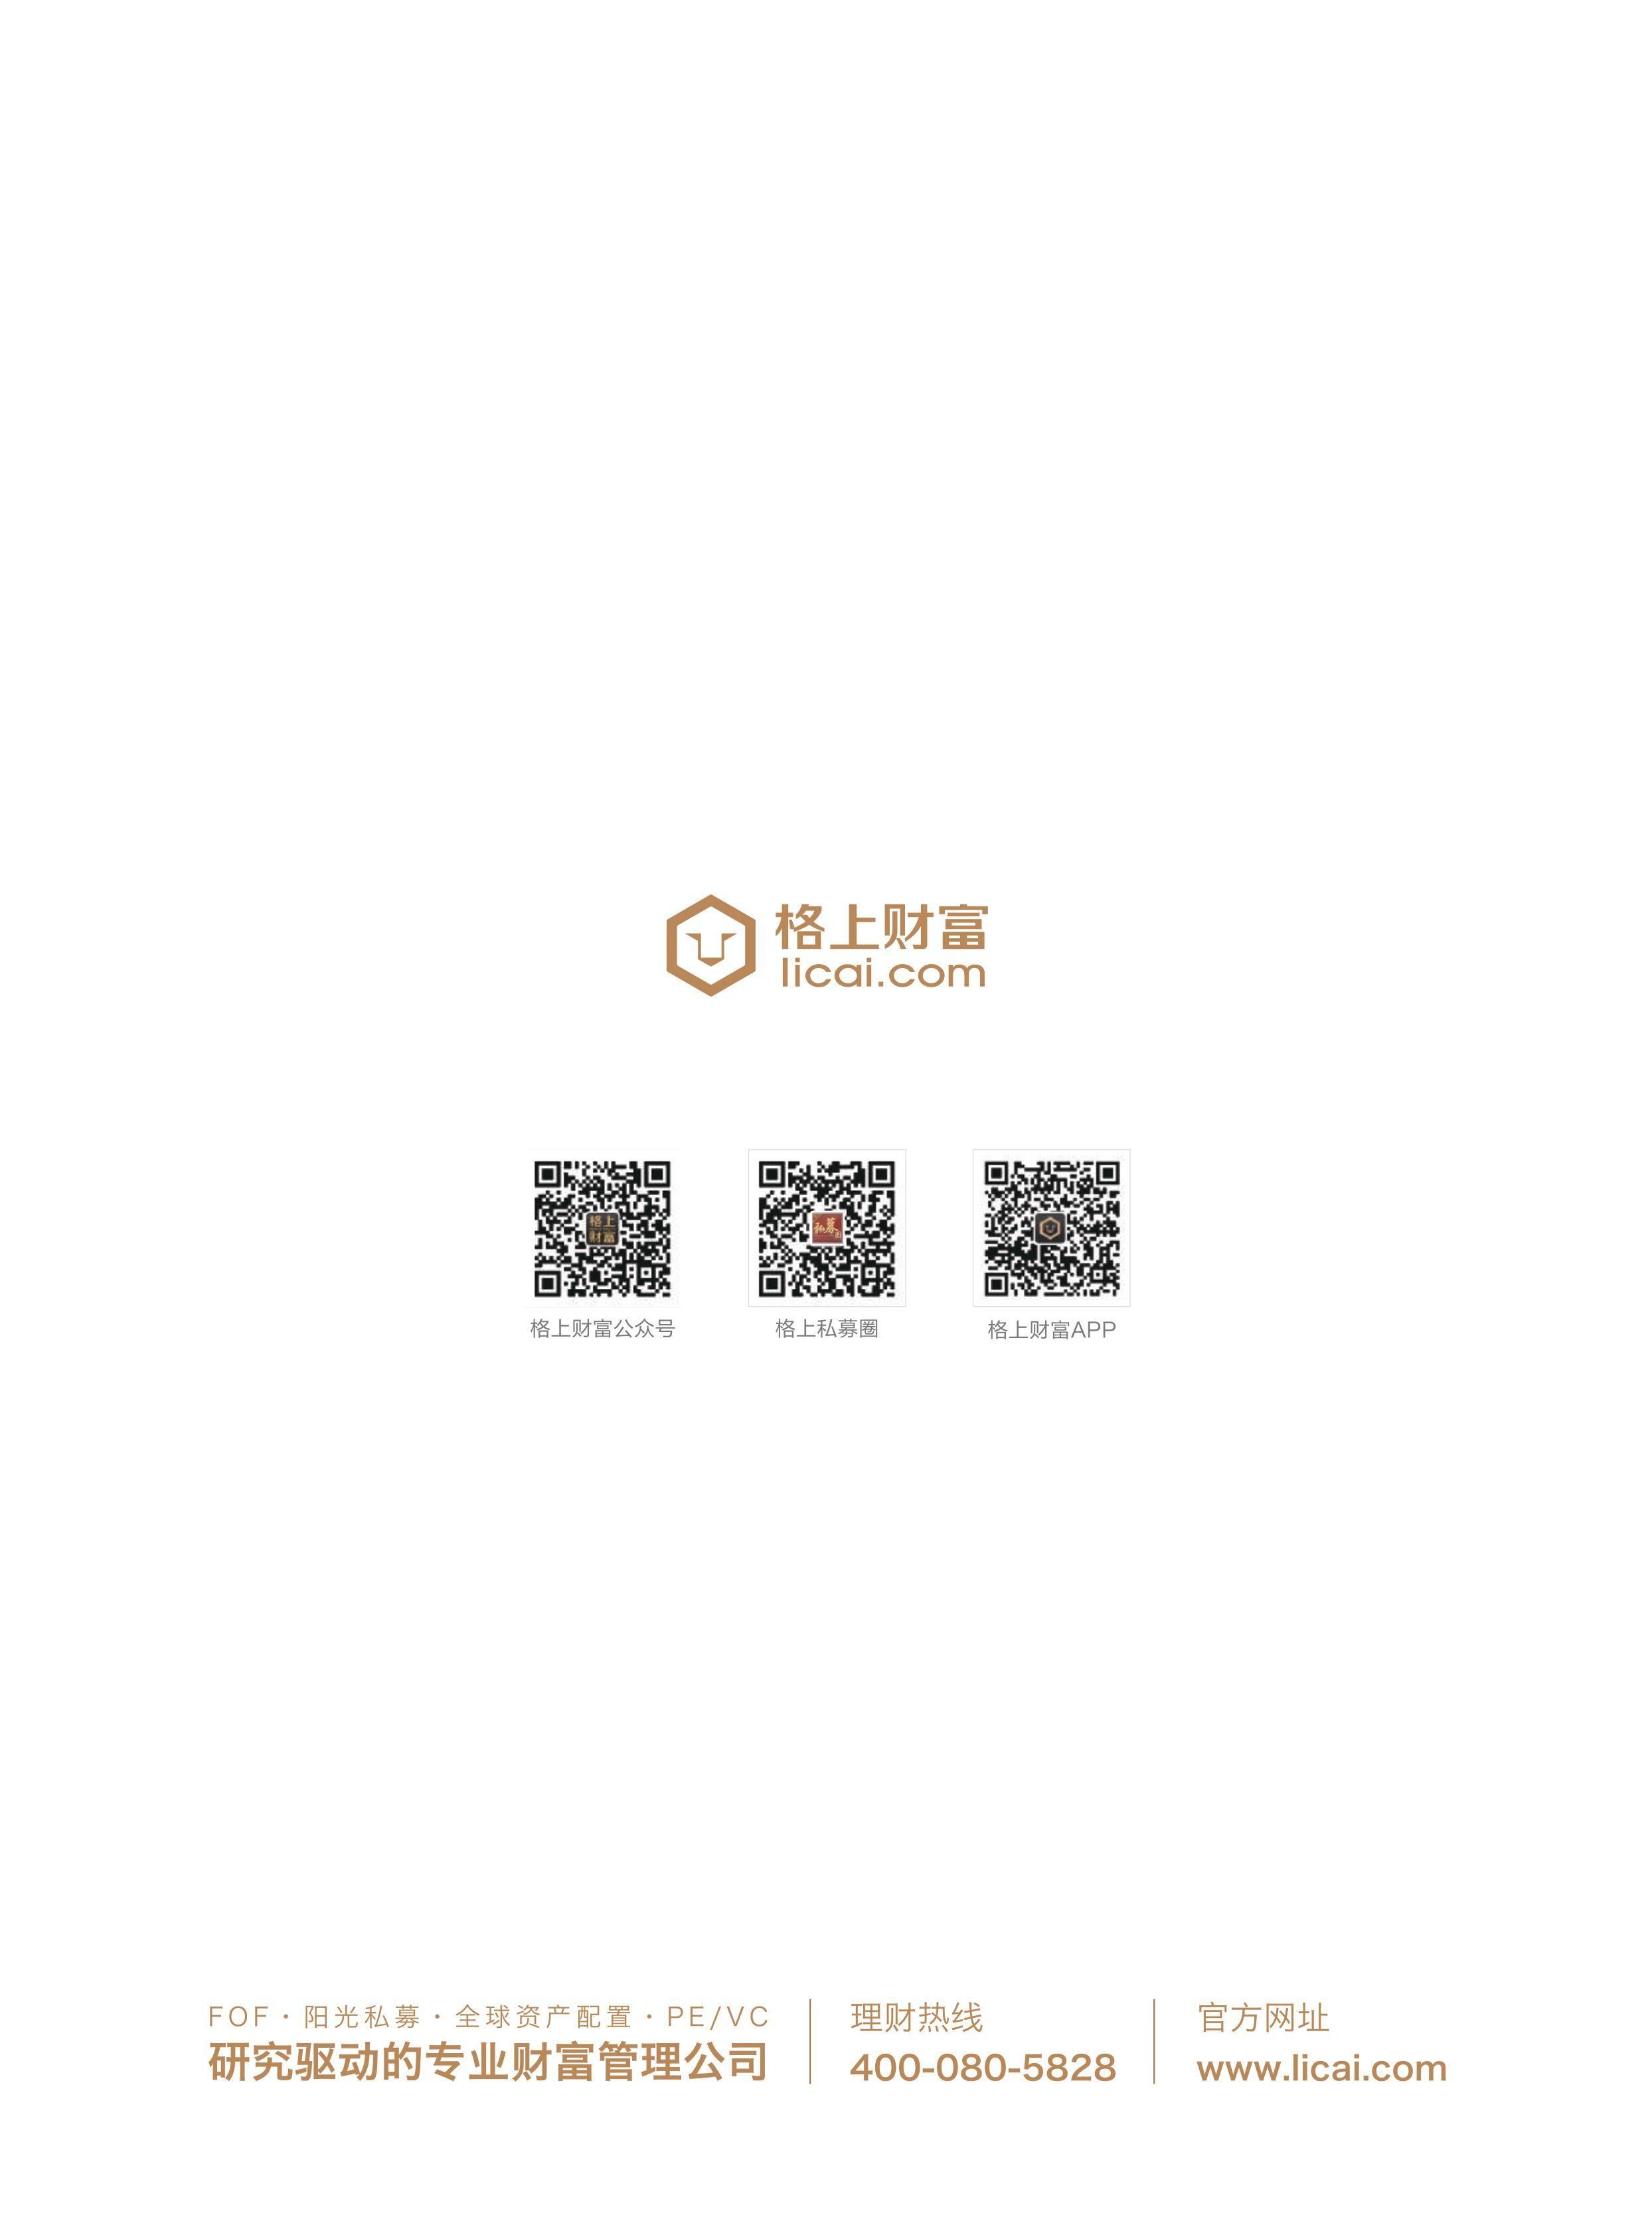 gbm-richtext-upload-1553758217987